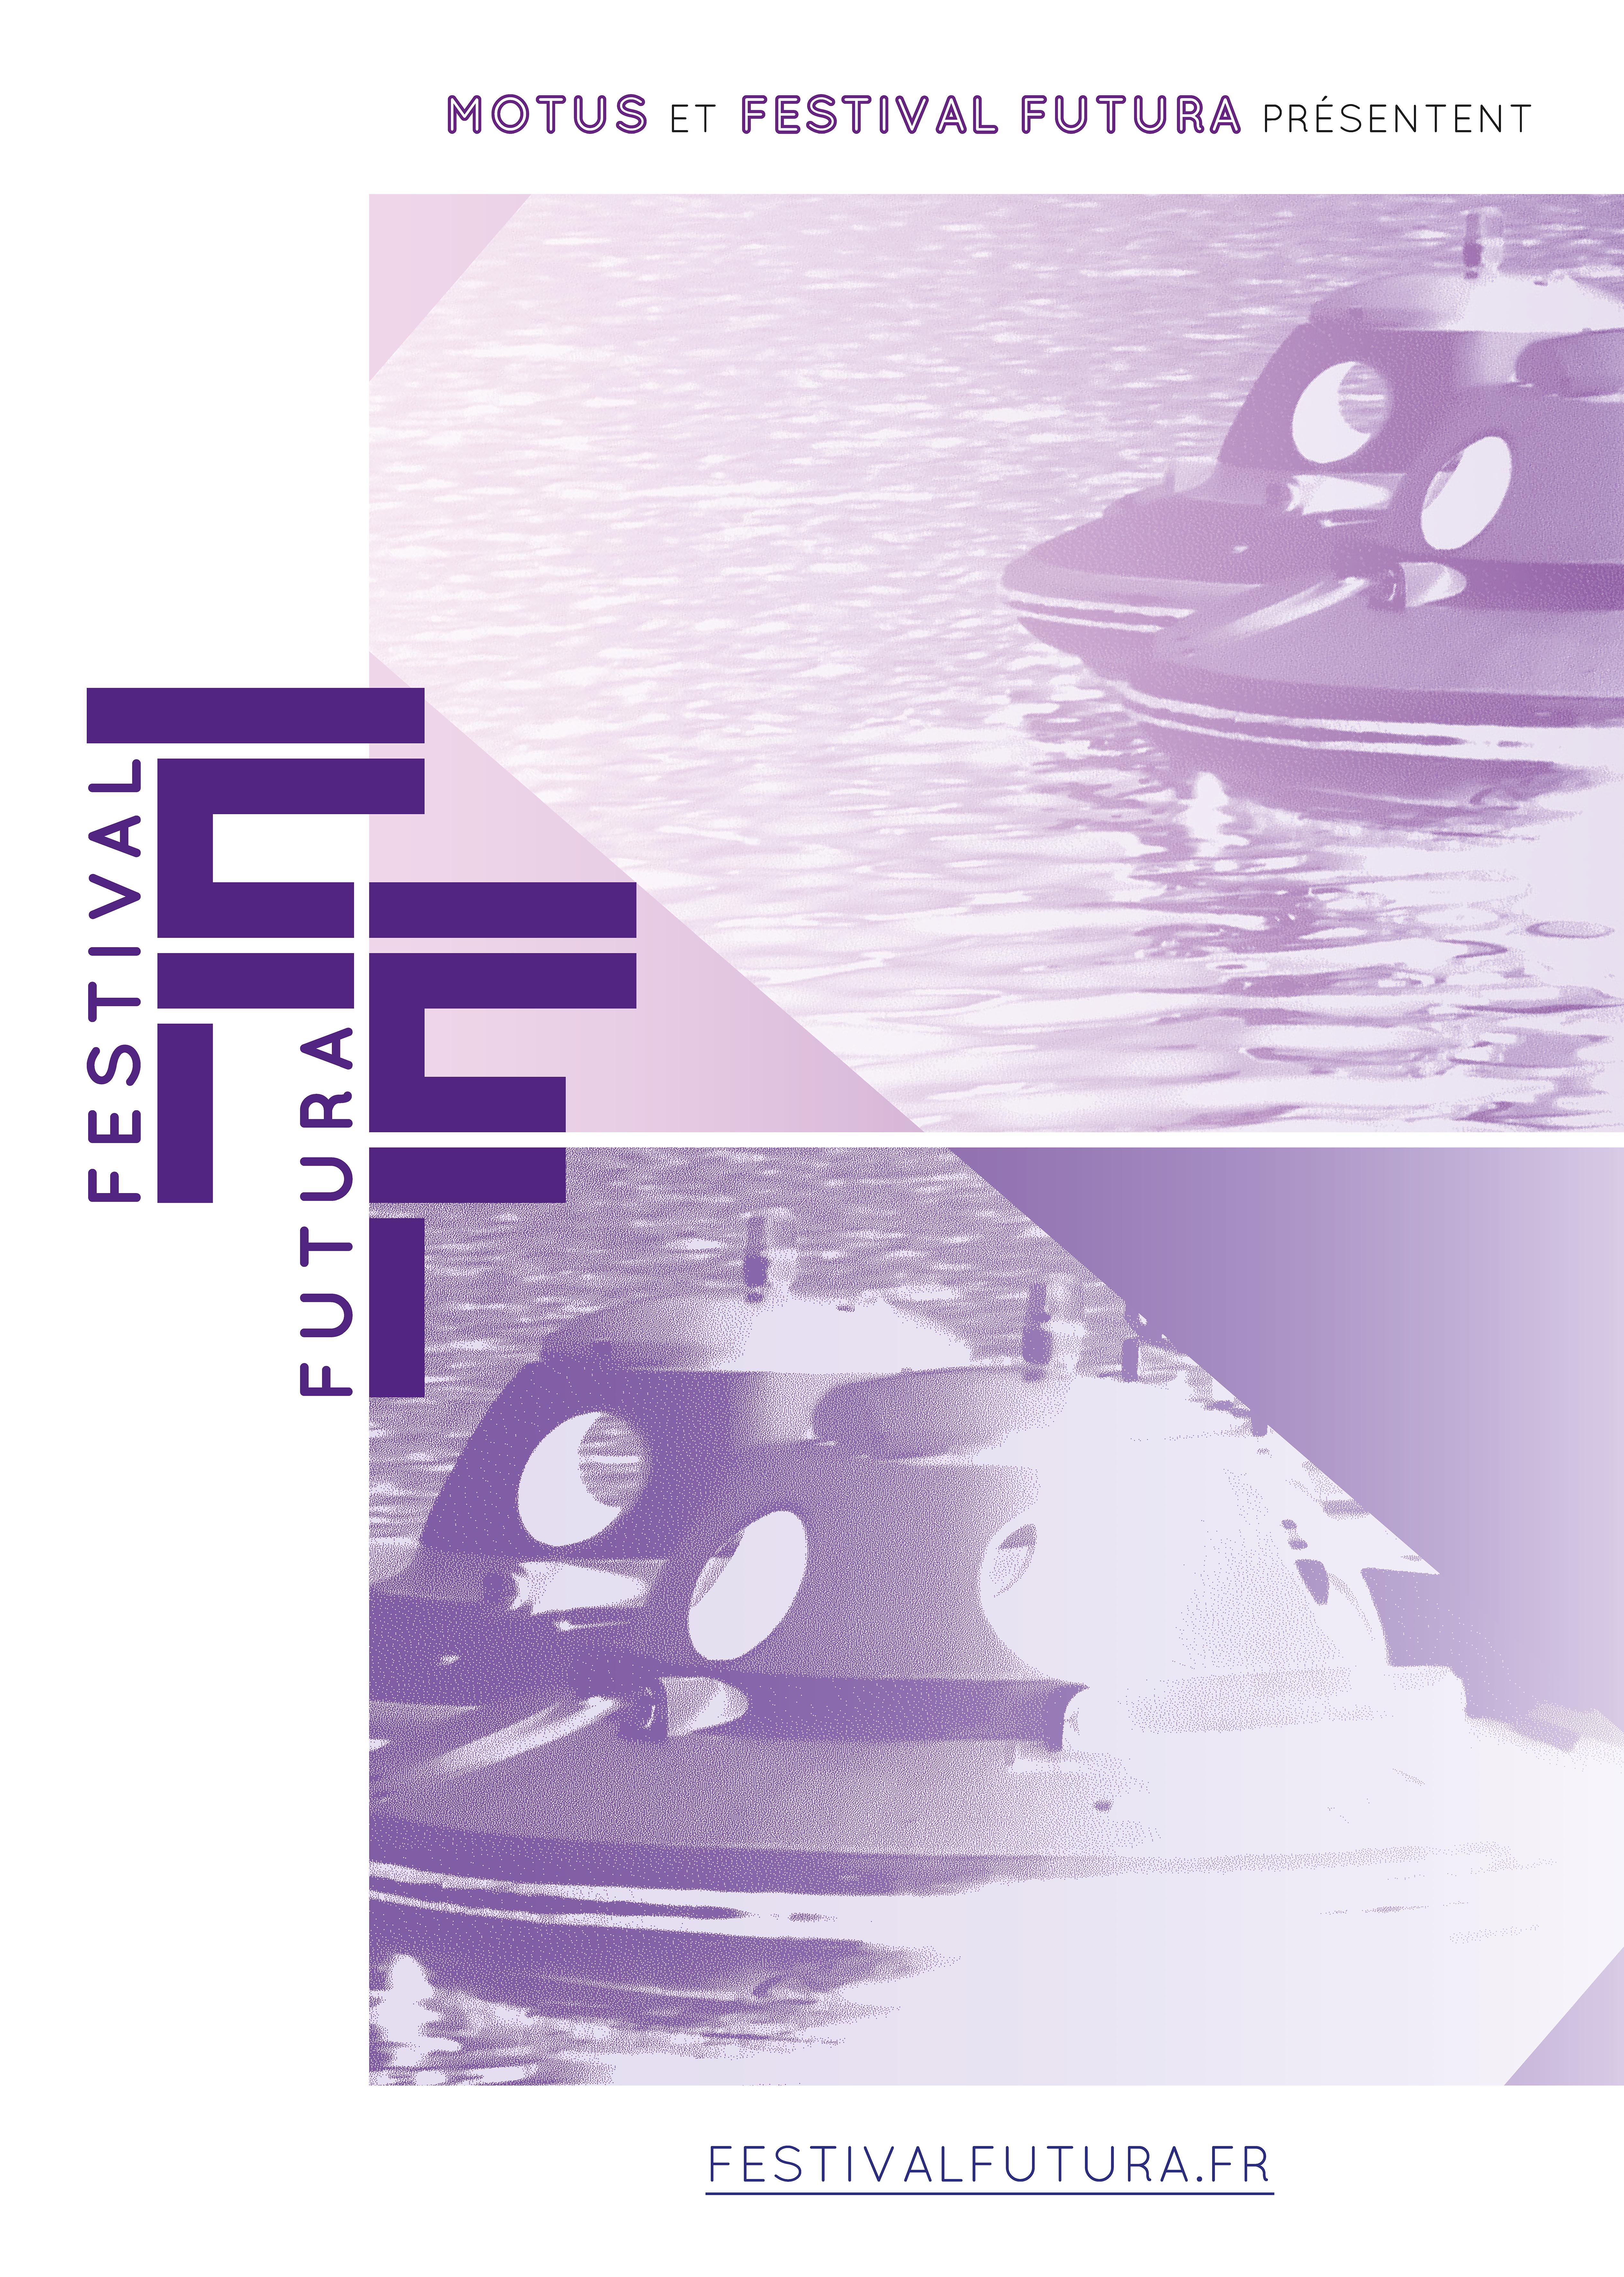 Festival Futura 2019